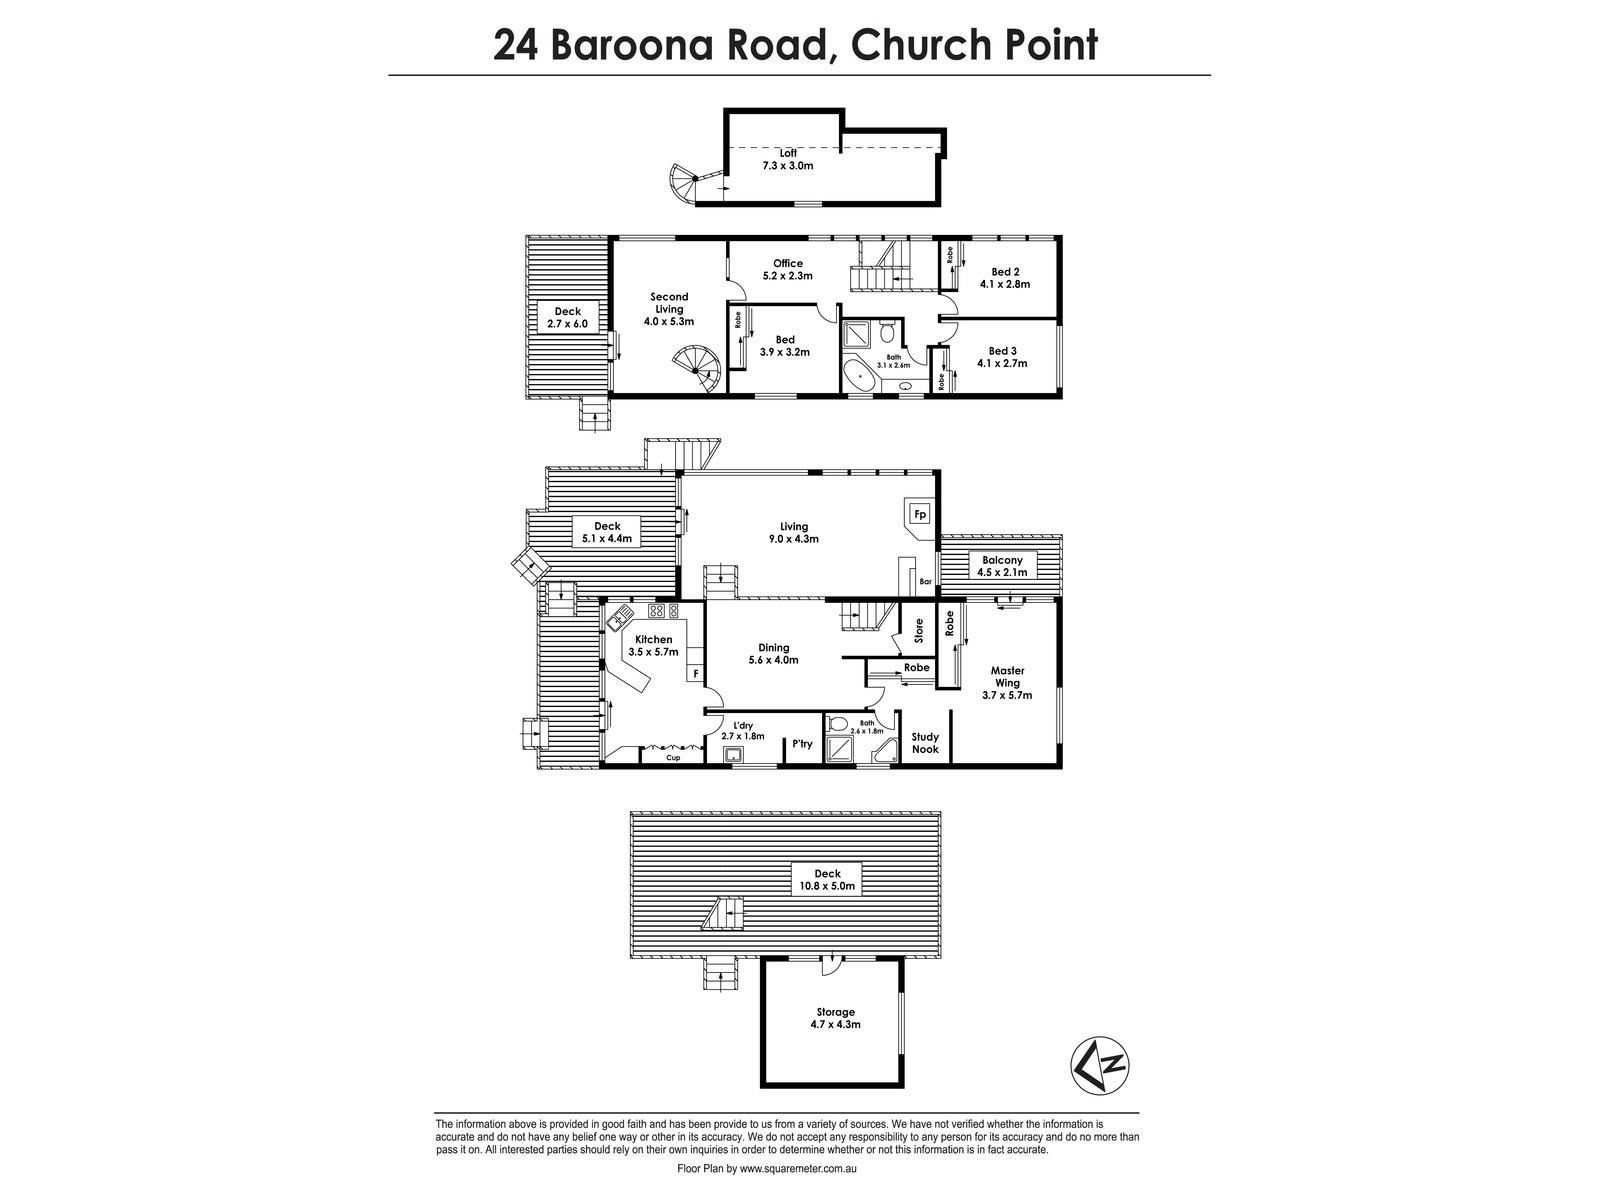 24 Baroona Road, Church Point